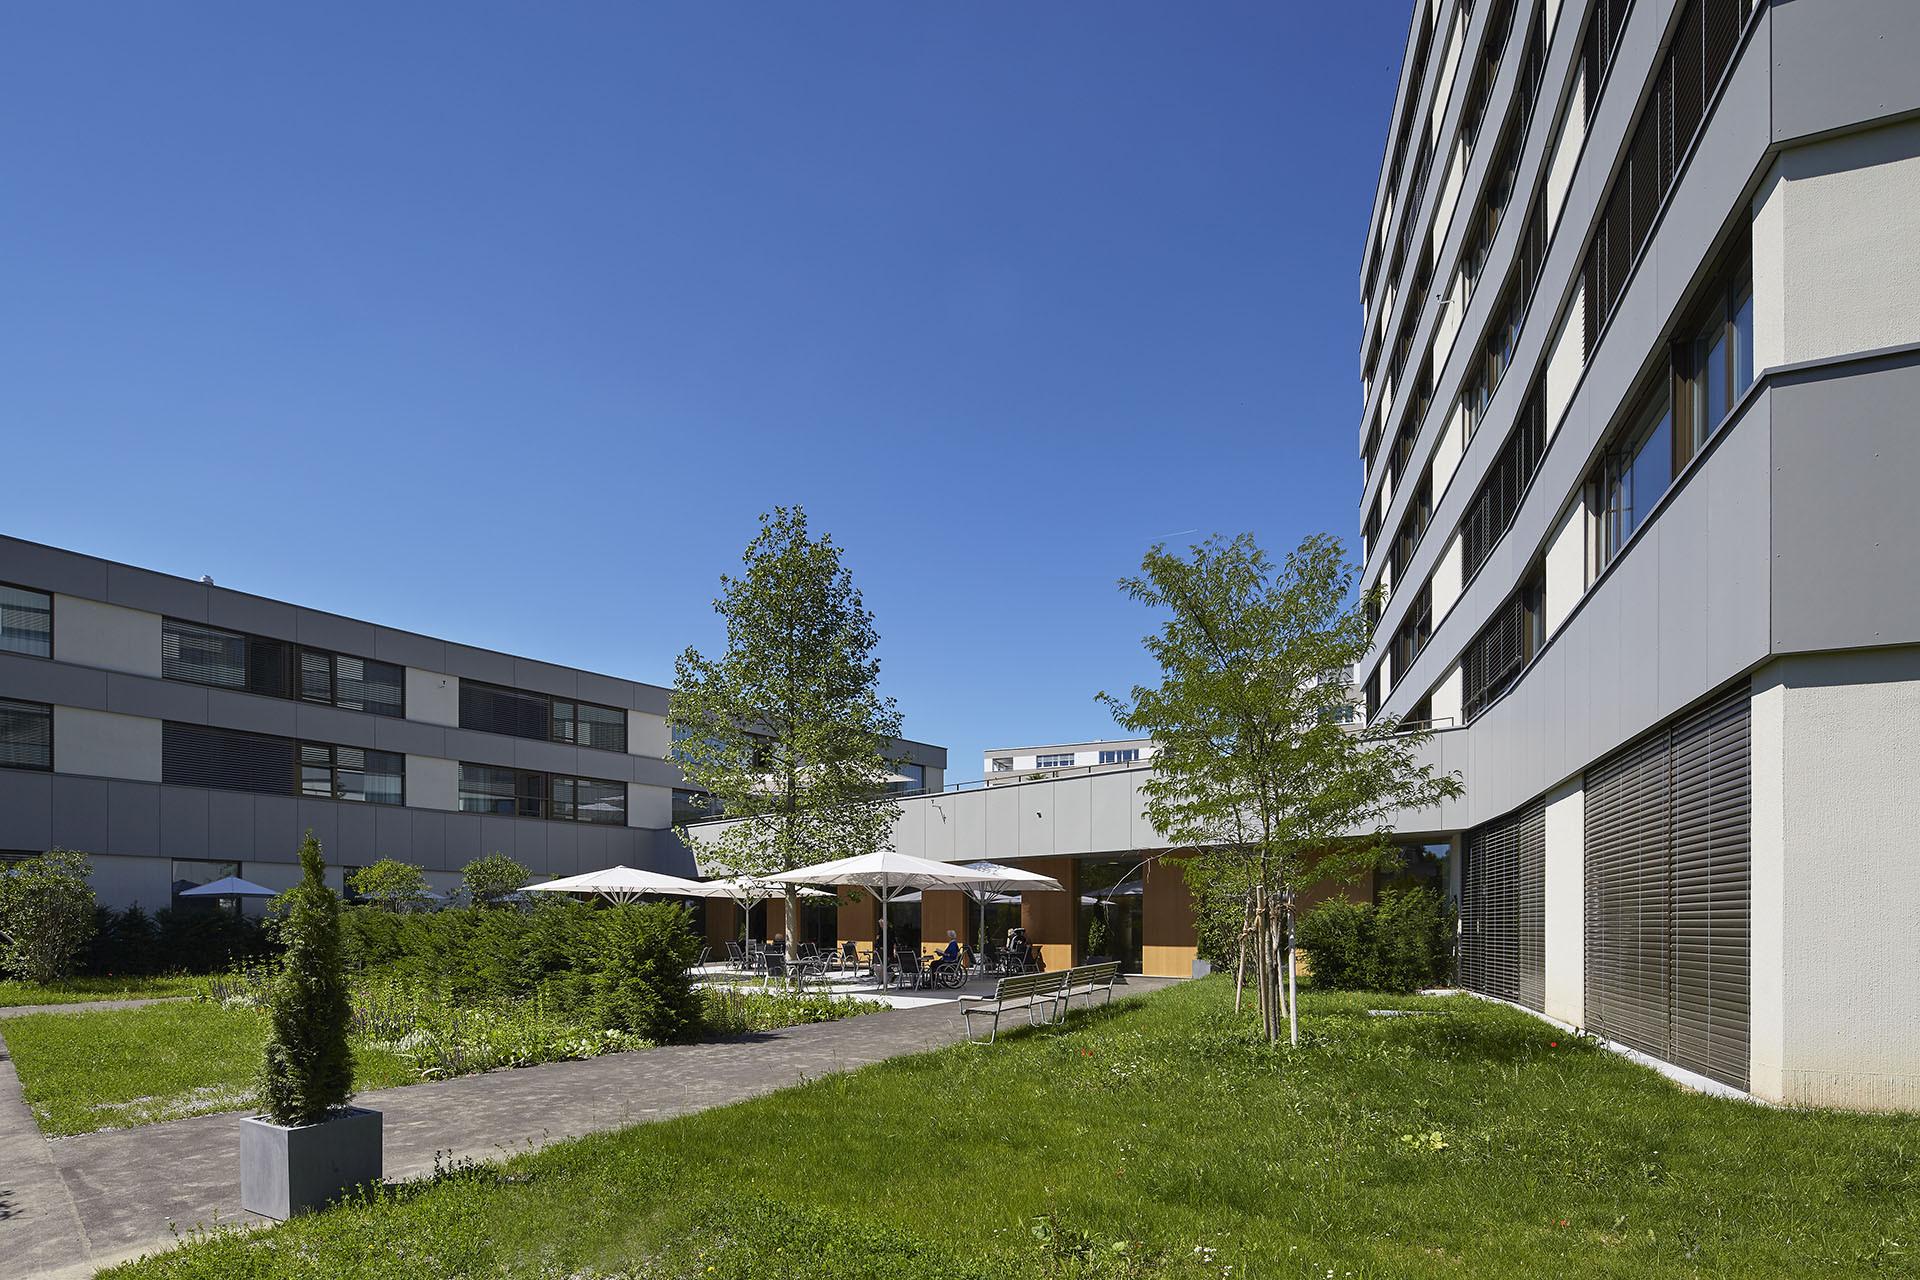 Cour de la résidence pour personnes âgées, fenêtres en bois-métal de distribution régulière